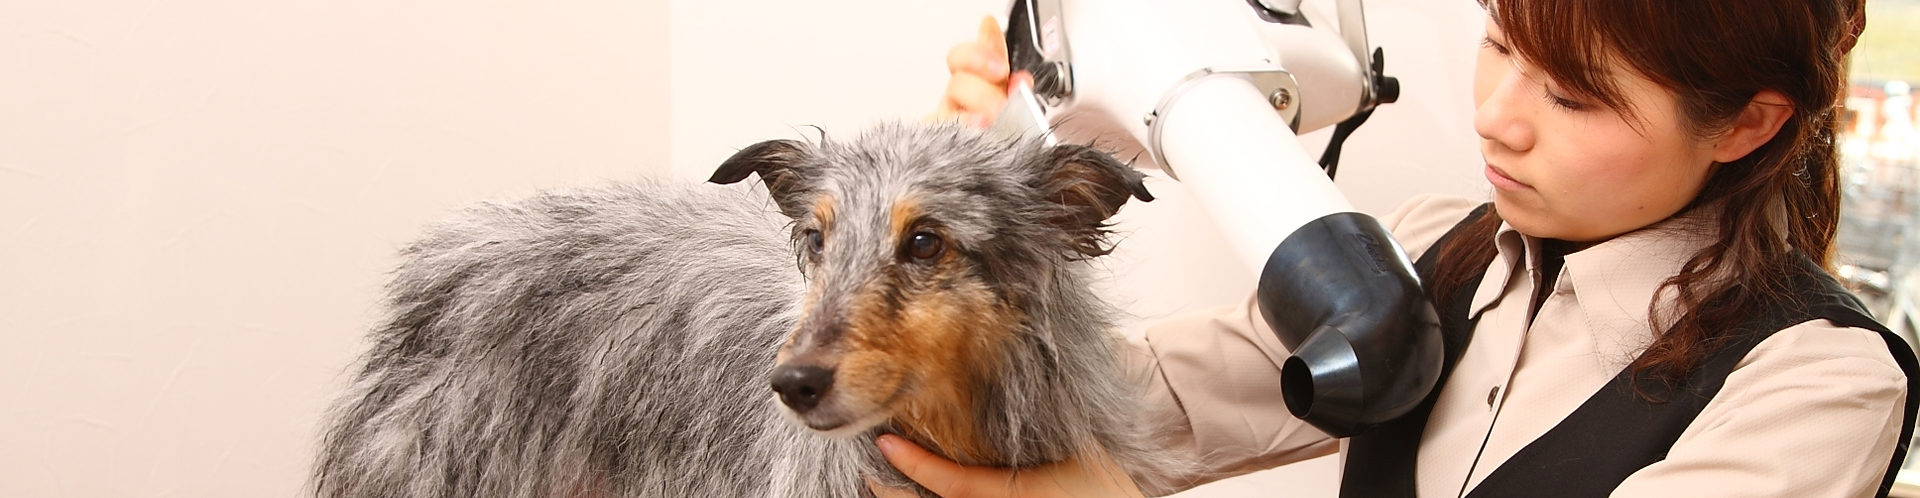 愛知県清須市にある犬の美容室・トータルサロンのCanCan(キャンキャン)